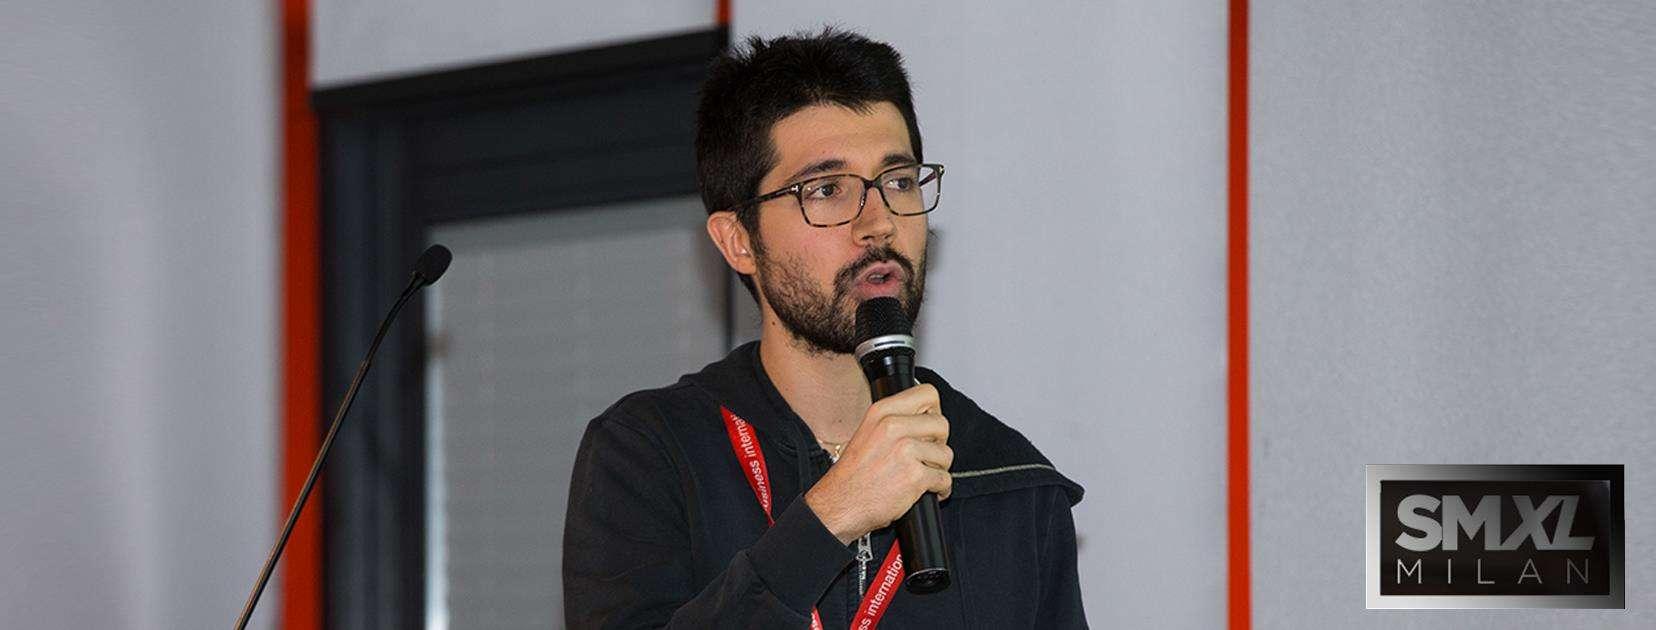 Emanuele Vaccari allo SMXL 2016